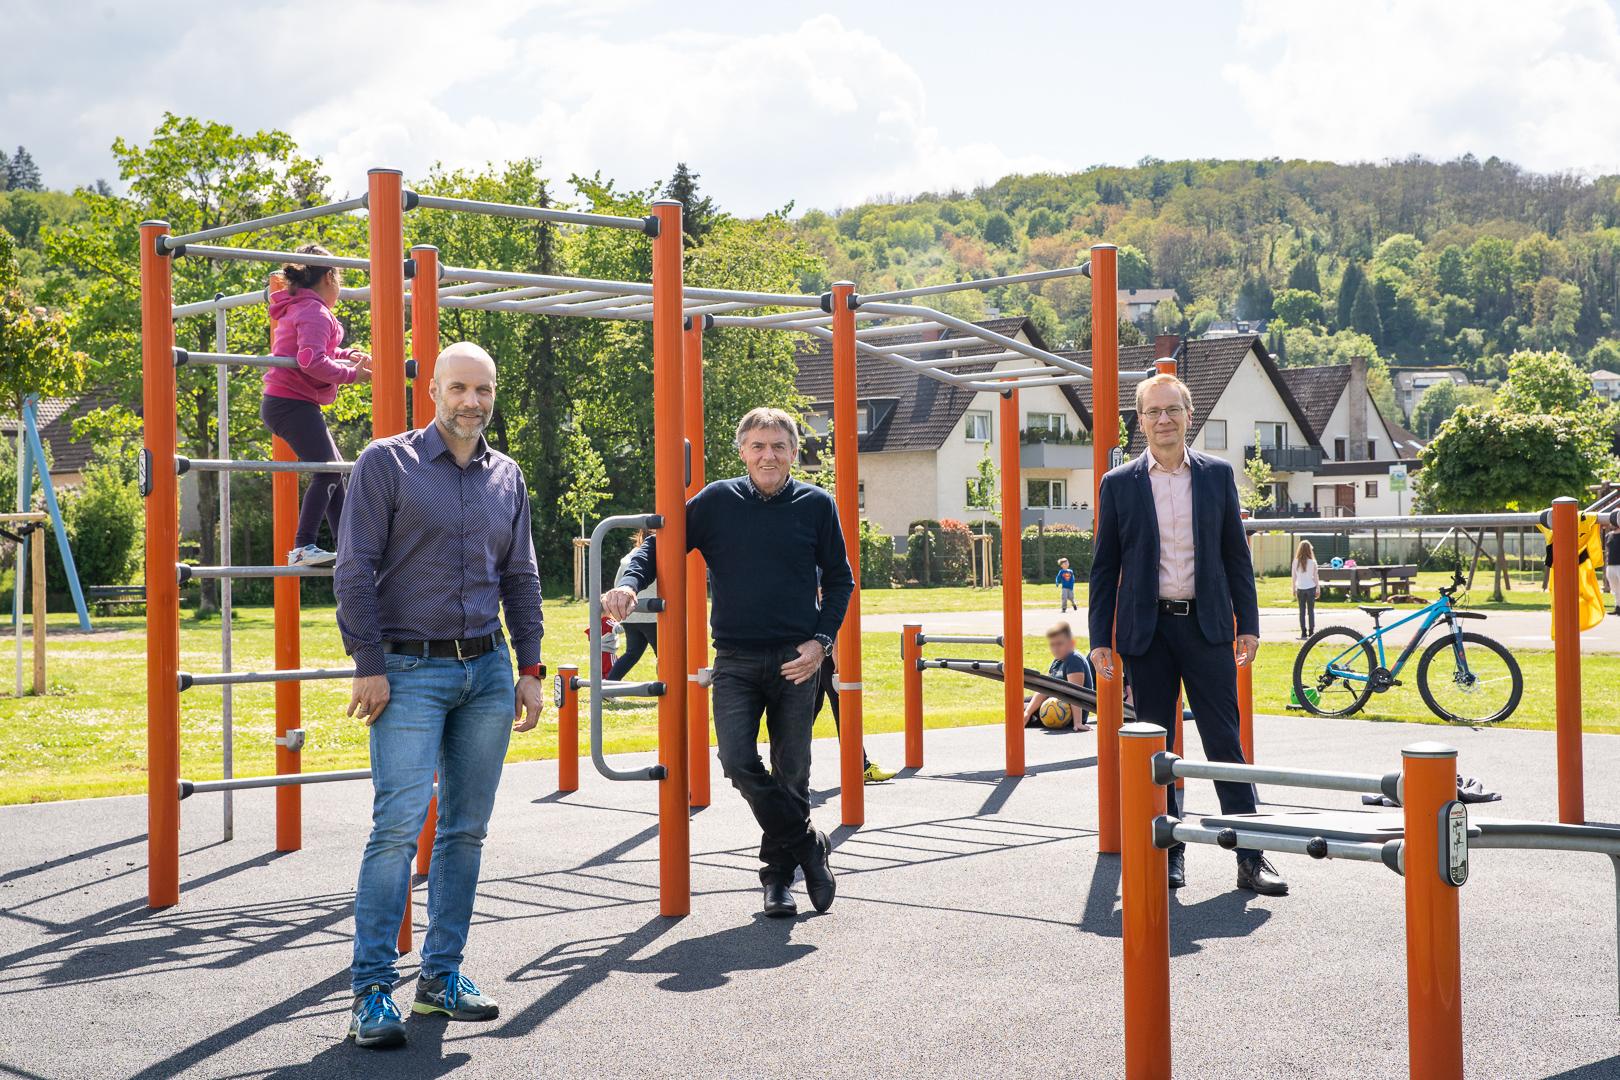 Bürgermeister Andreas Geron und Ortsvorsteher Gunter Windheuser überzeugten sich mit Bauamtsleiter Marco Schreiner von der Vielfältigkeit der Anlage.